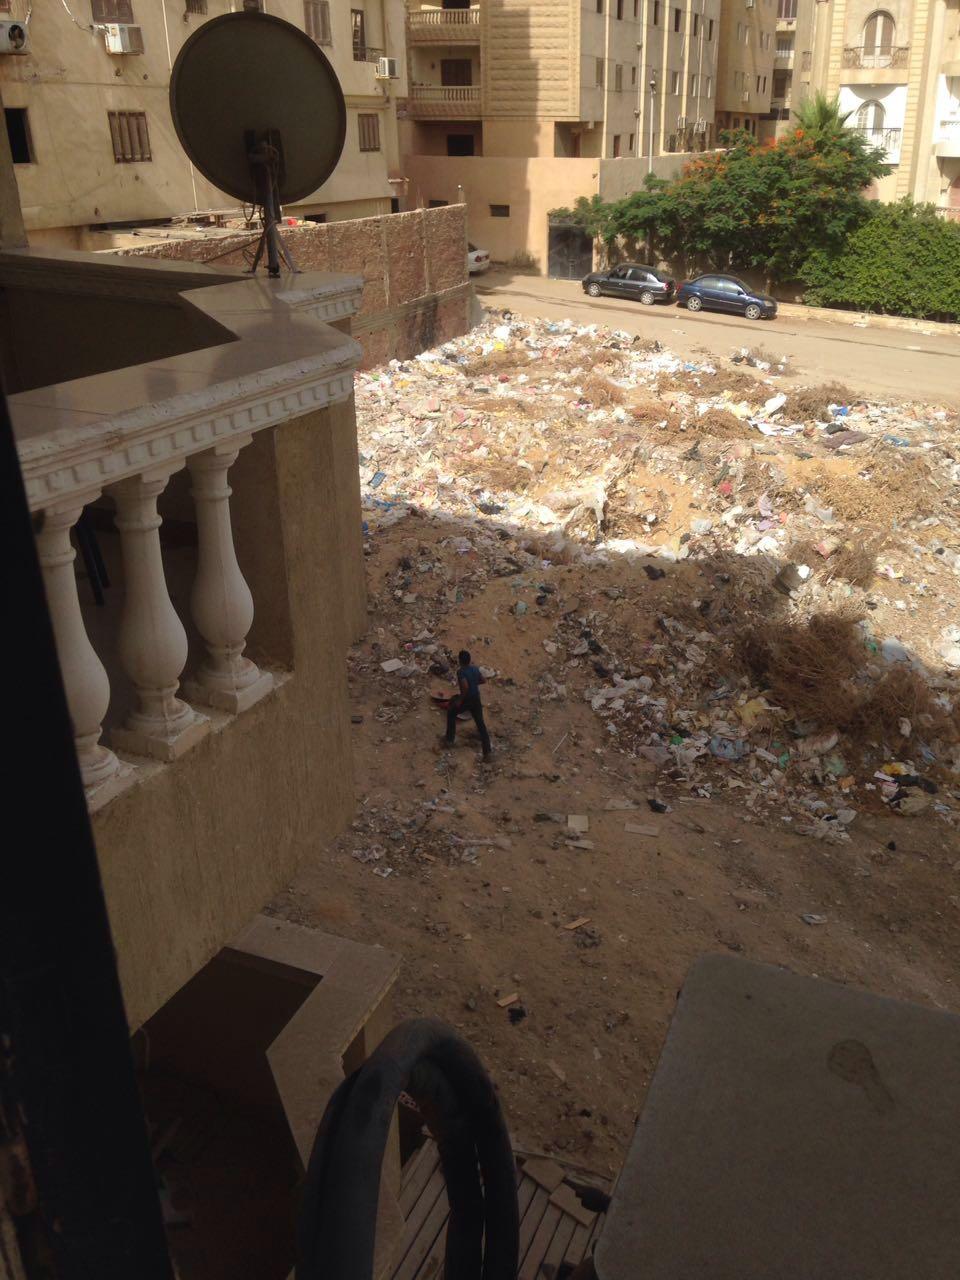 سكان حدائق الأهرام يشتكون من تراكم القمامة أمام عمارتهم فى غياب مسئولى الحى